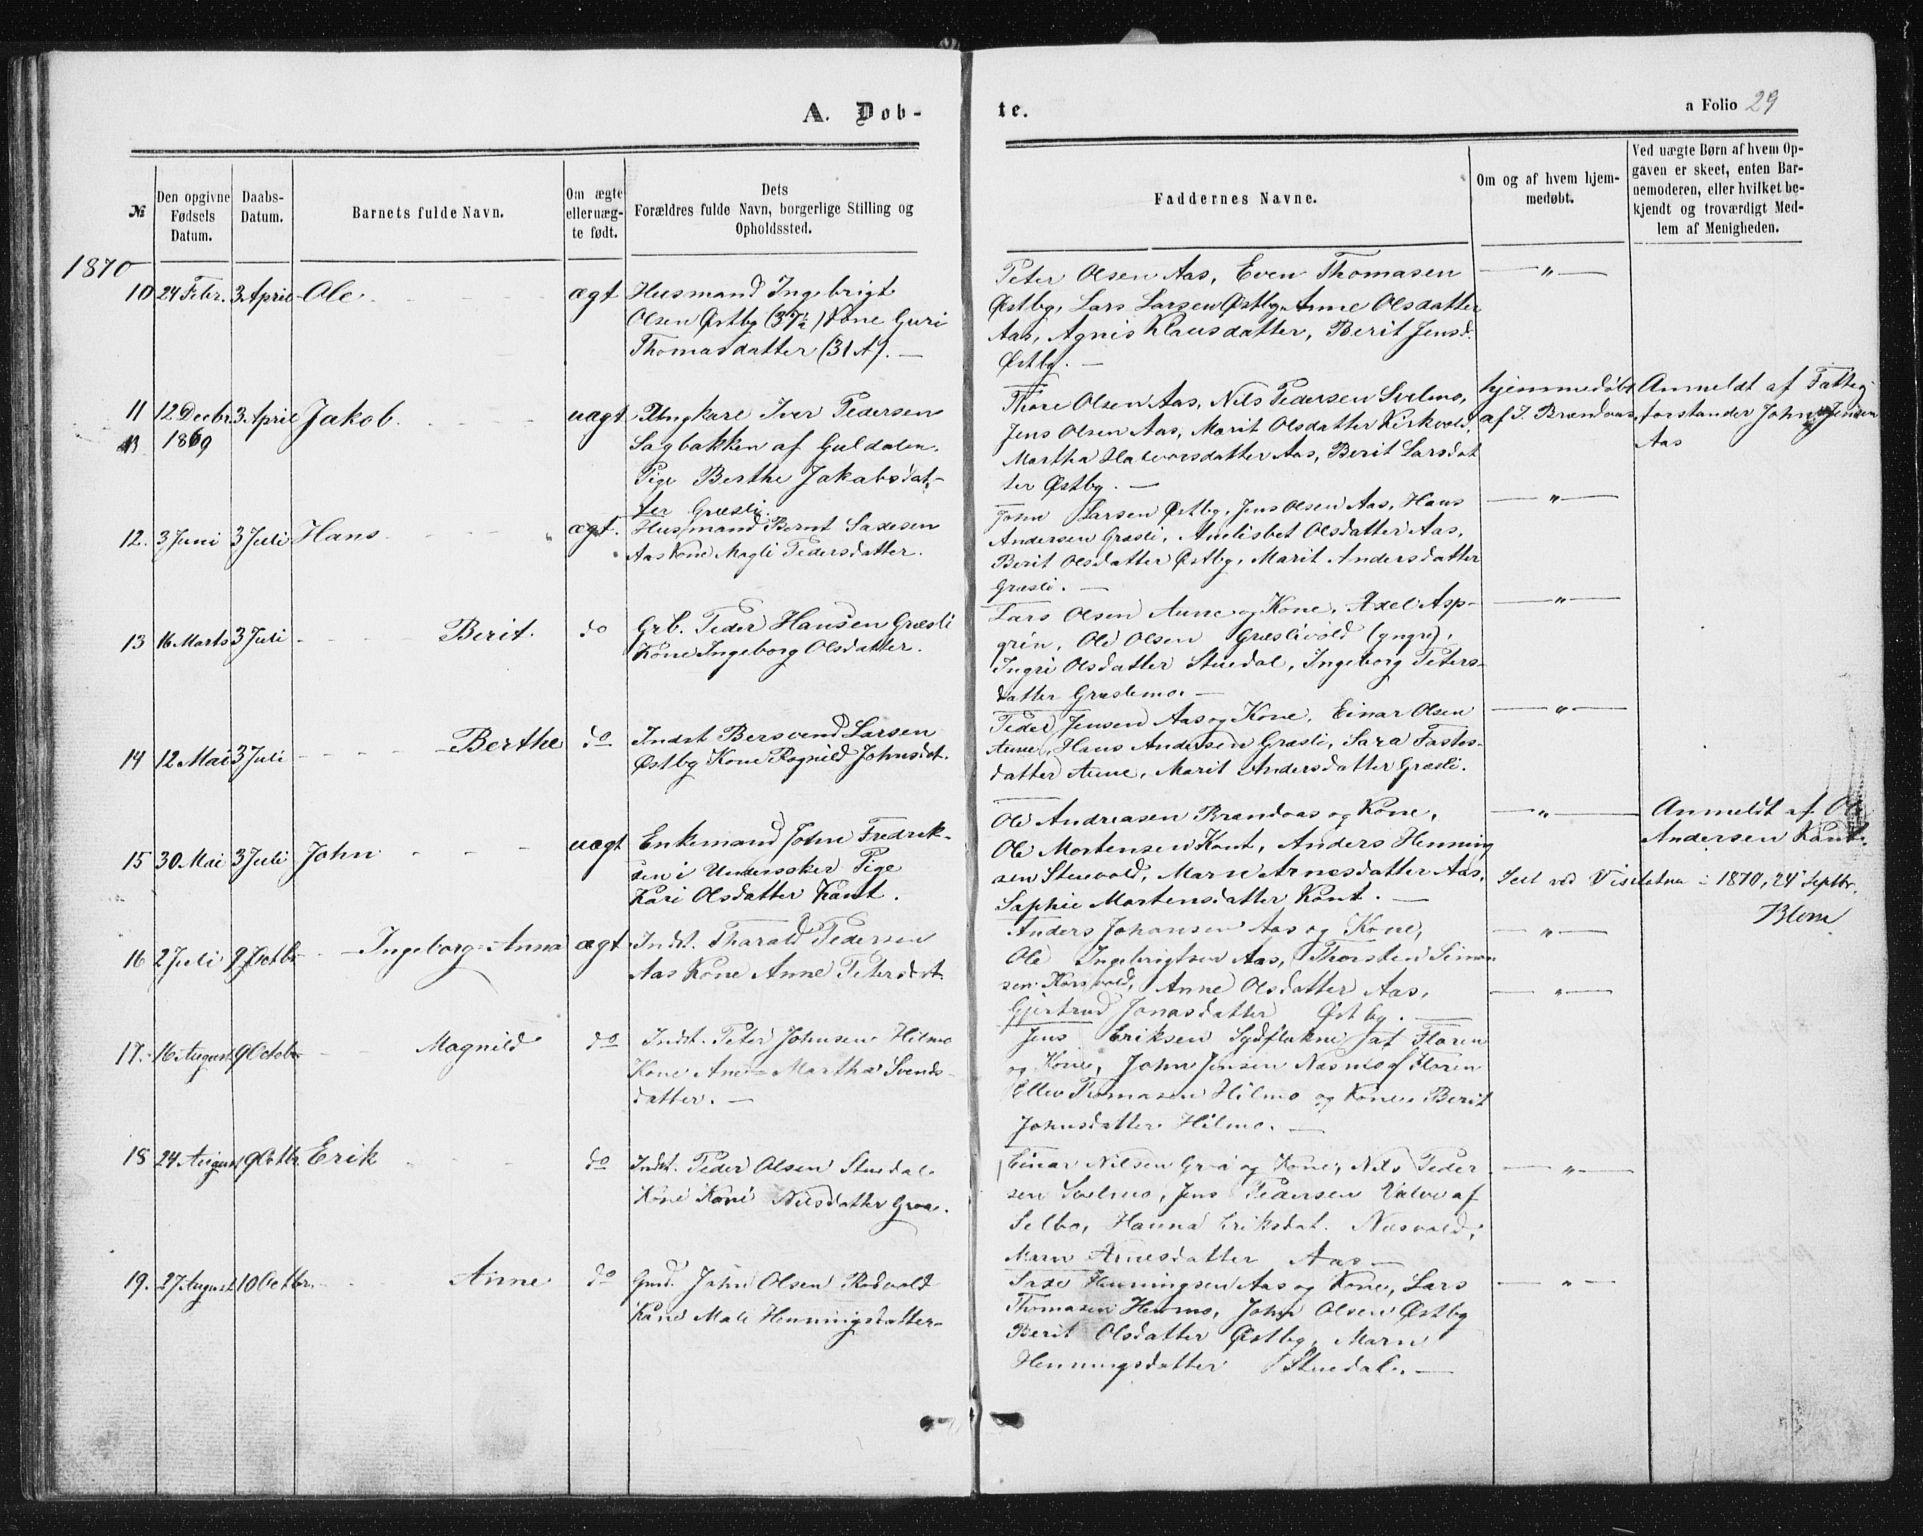 SAT, Ministerialprotokoller, klokkerbøker og fødselsregistre - Sør-Trøndelag, 698/L1166: Klokkerbok nr. 698C03, 1861-1887, s. 29